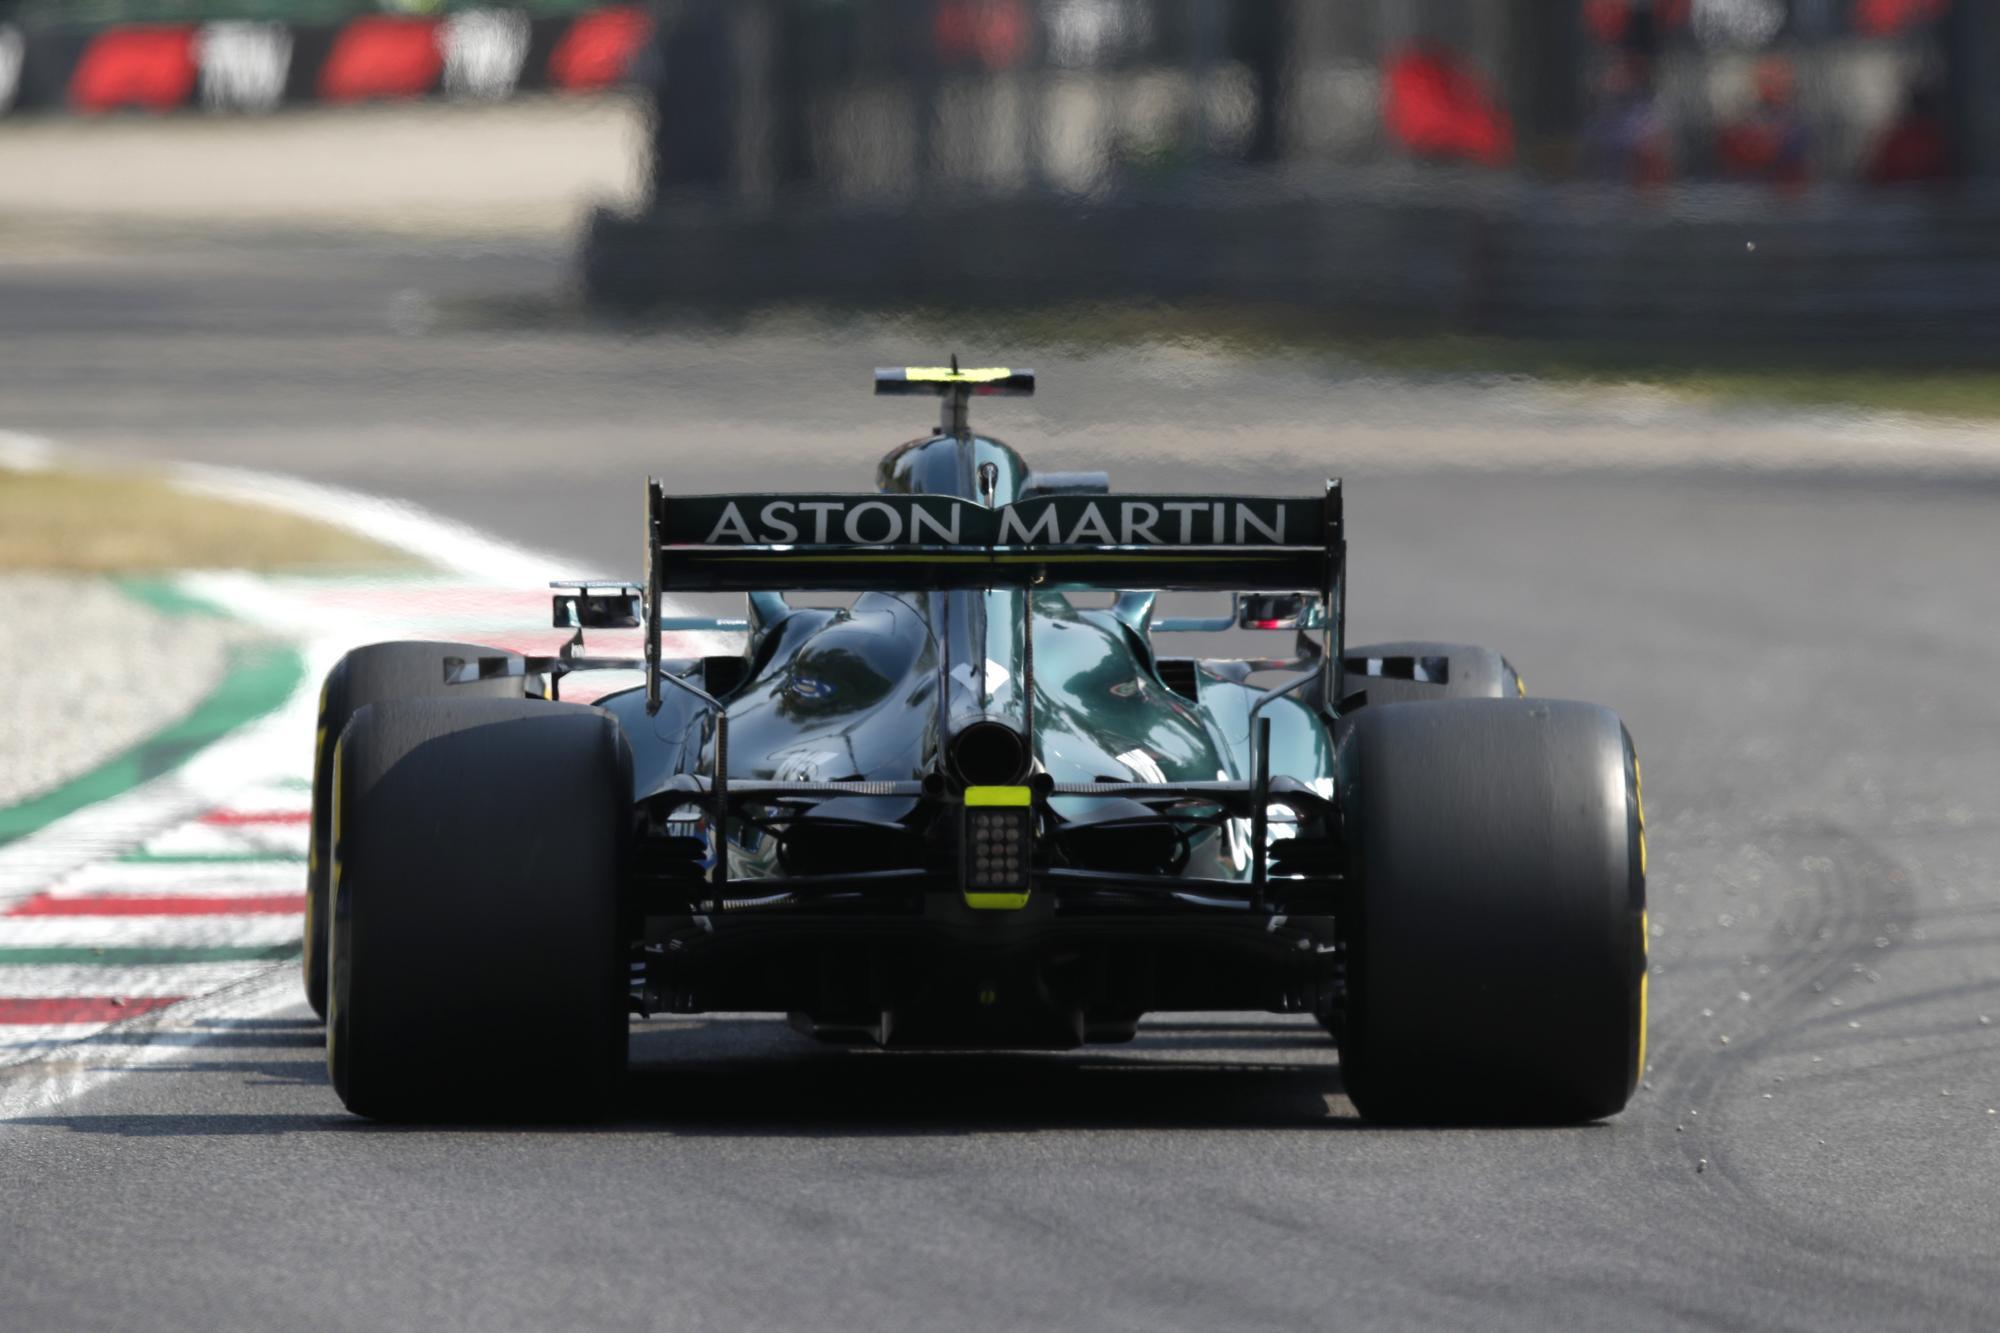 Nem akárkivel erősíti F1-es csapatát az Aston Martin